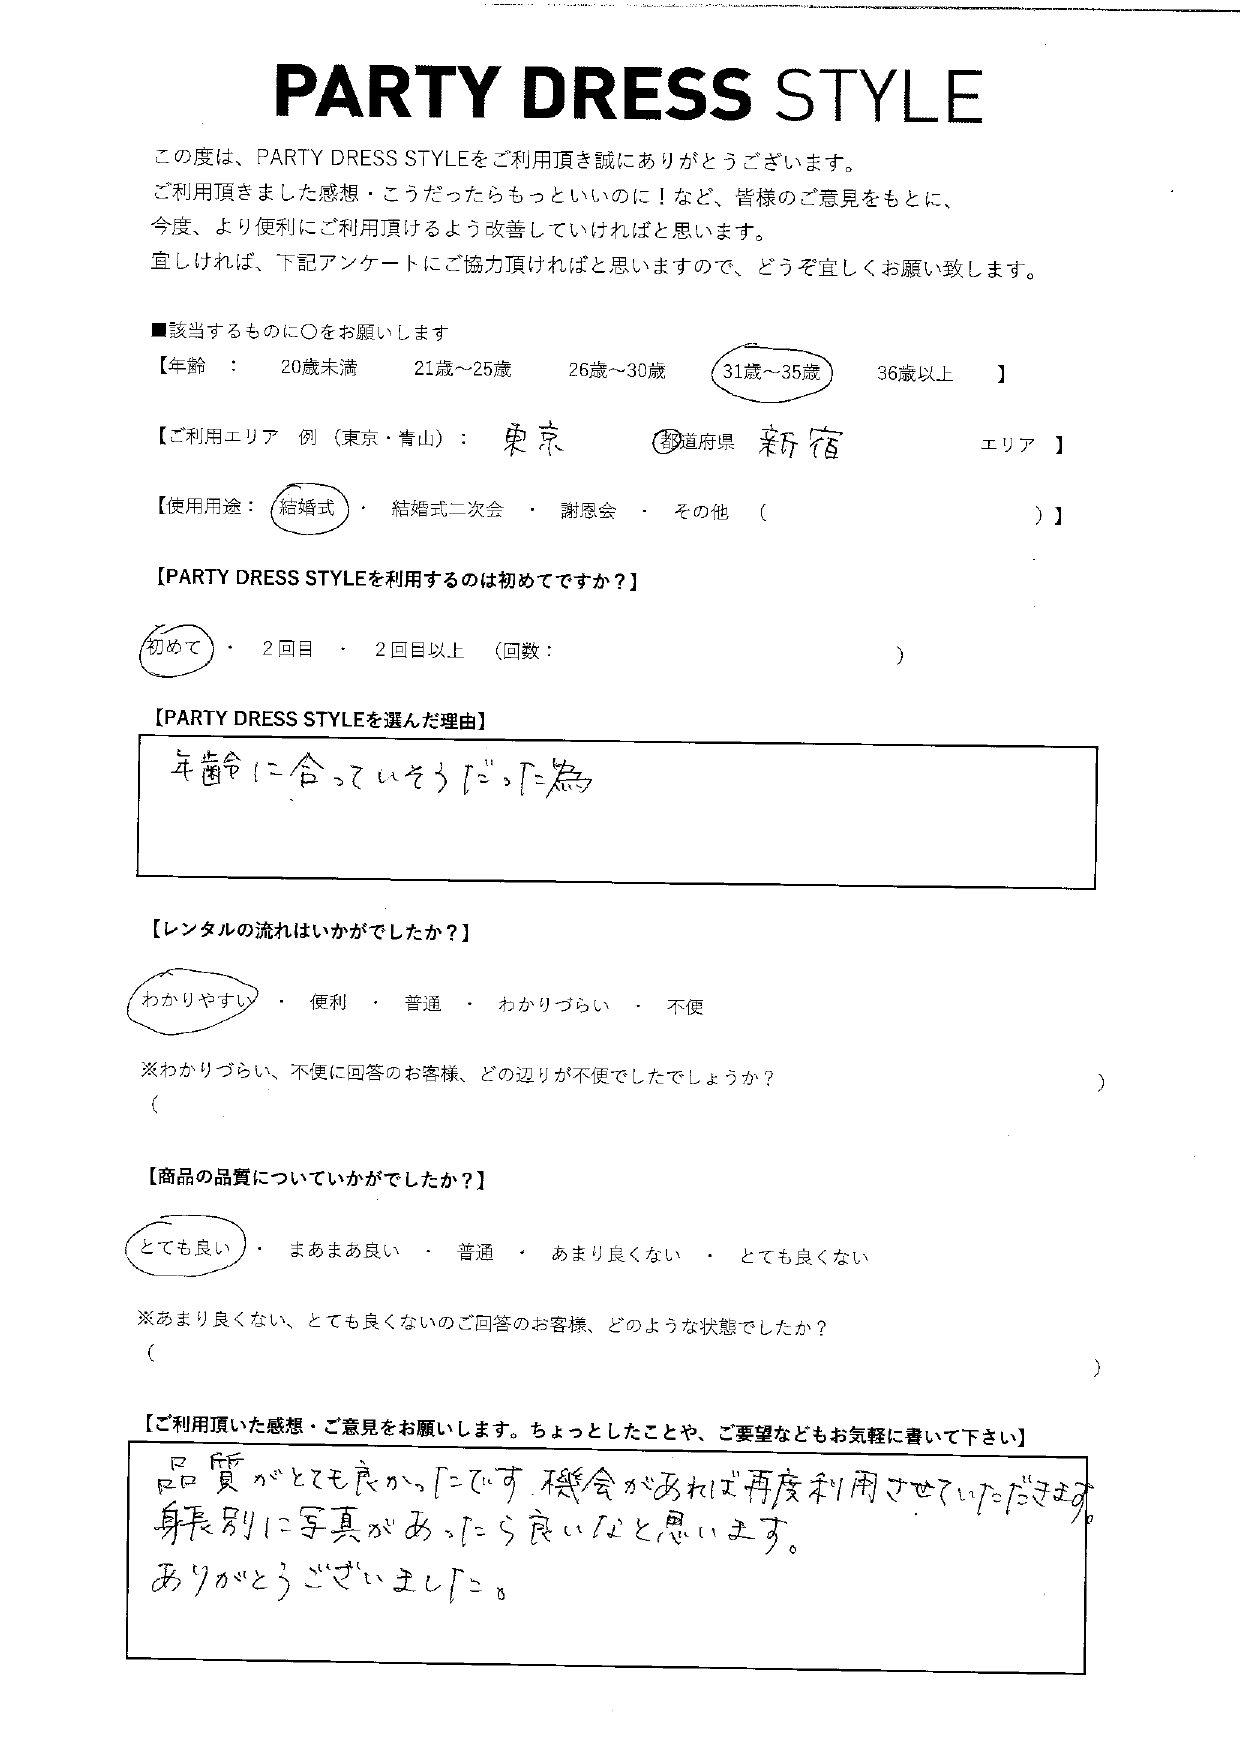 6/12結婚式ご利用 東京・新宿エリア